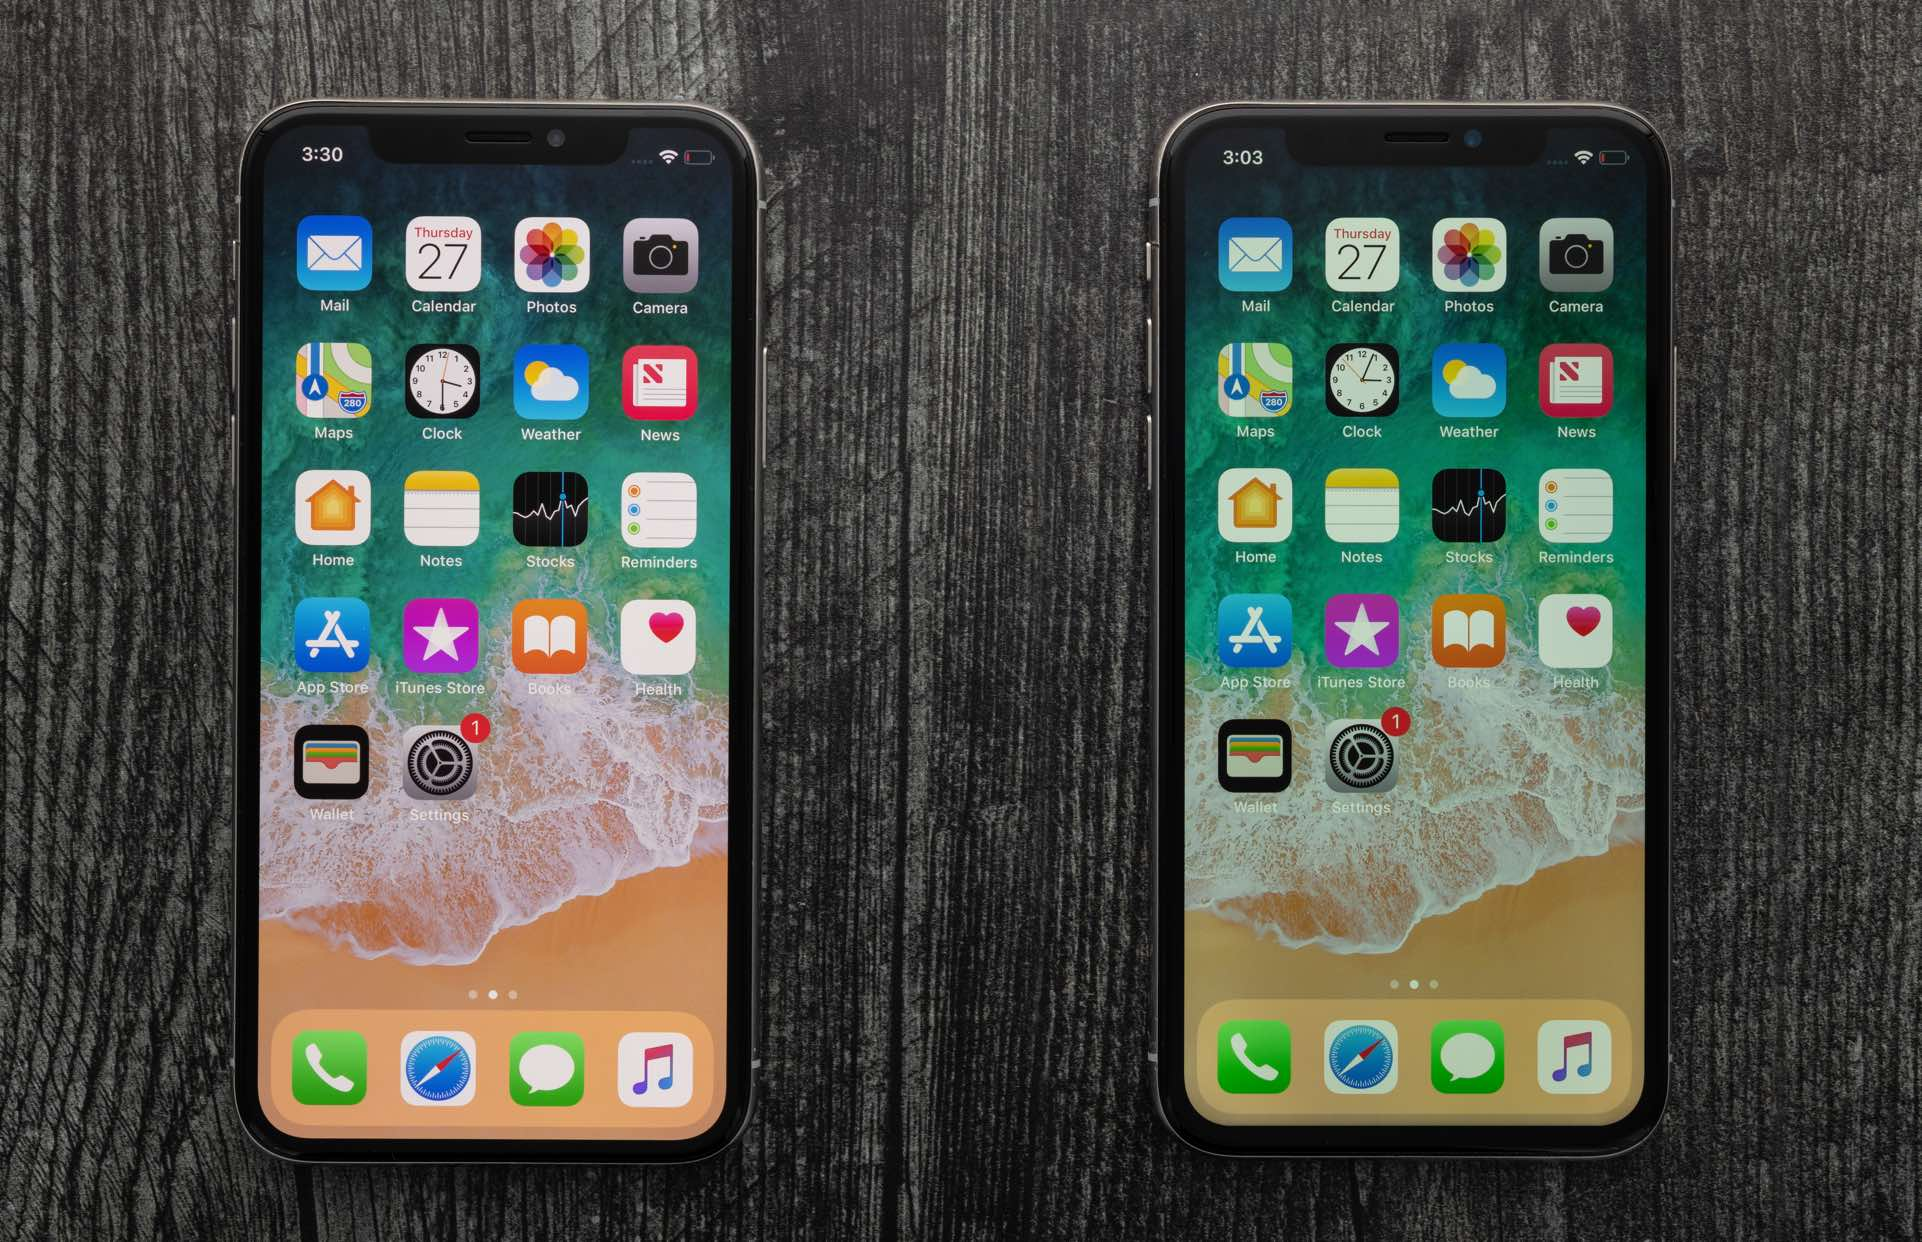 iPhone ecran OLED versus ecran LCD